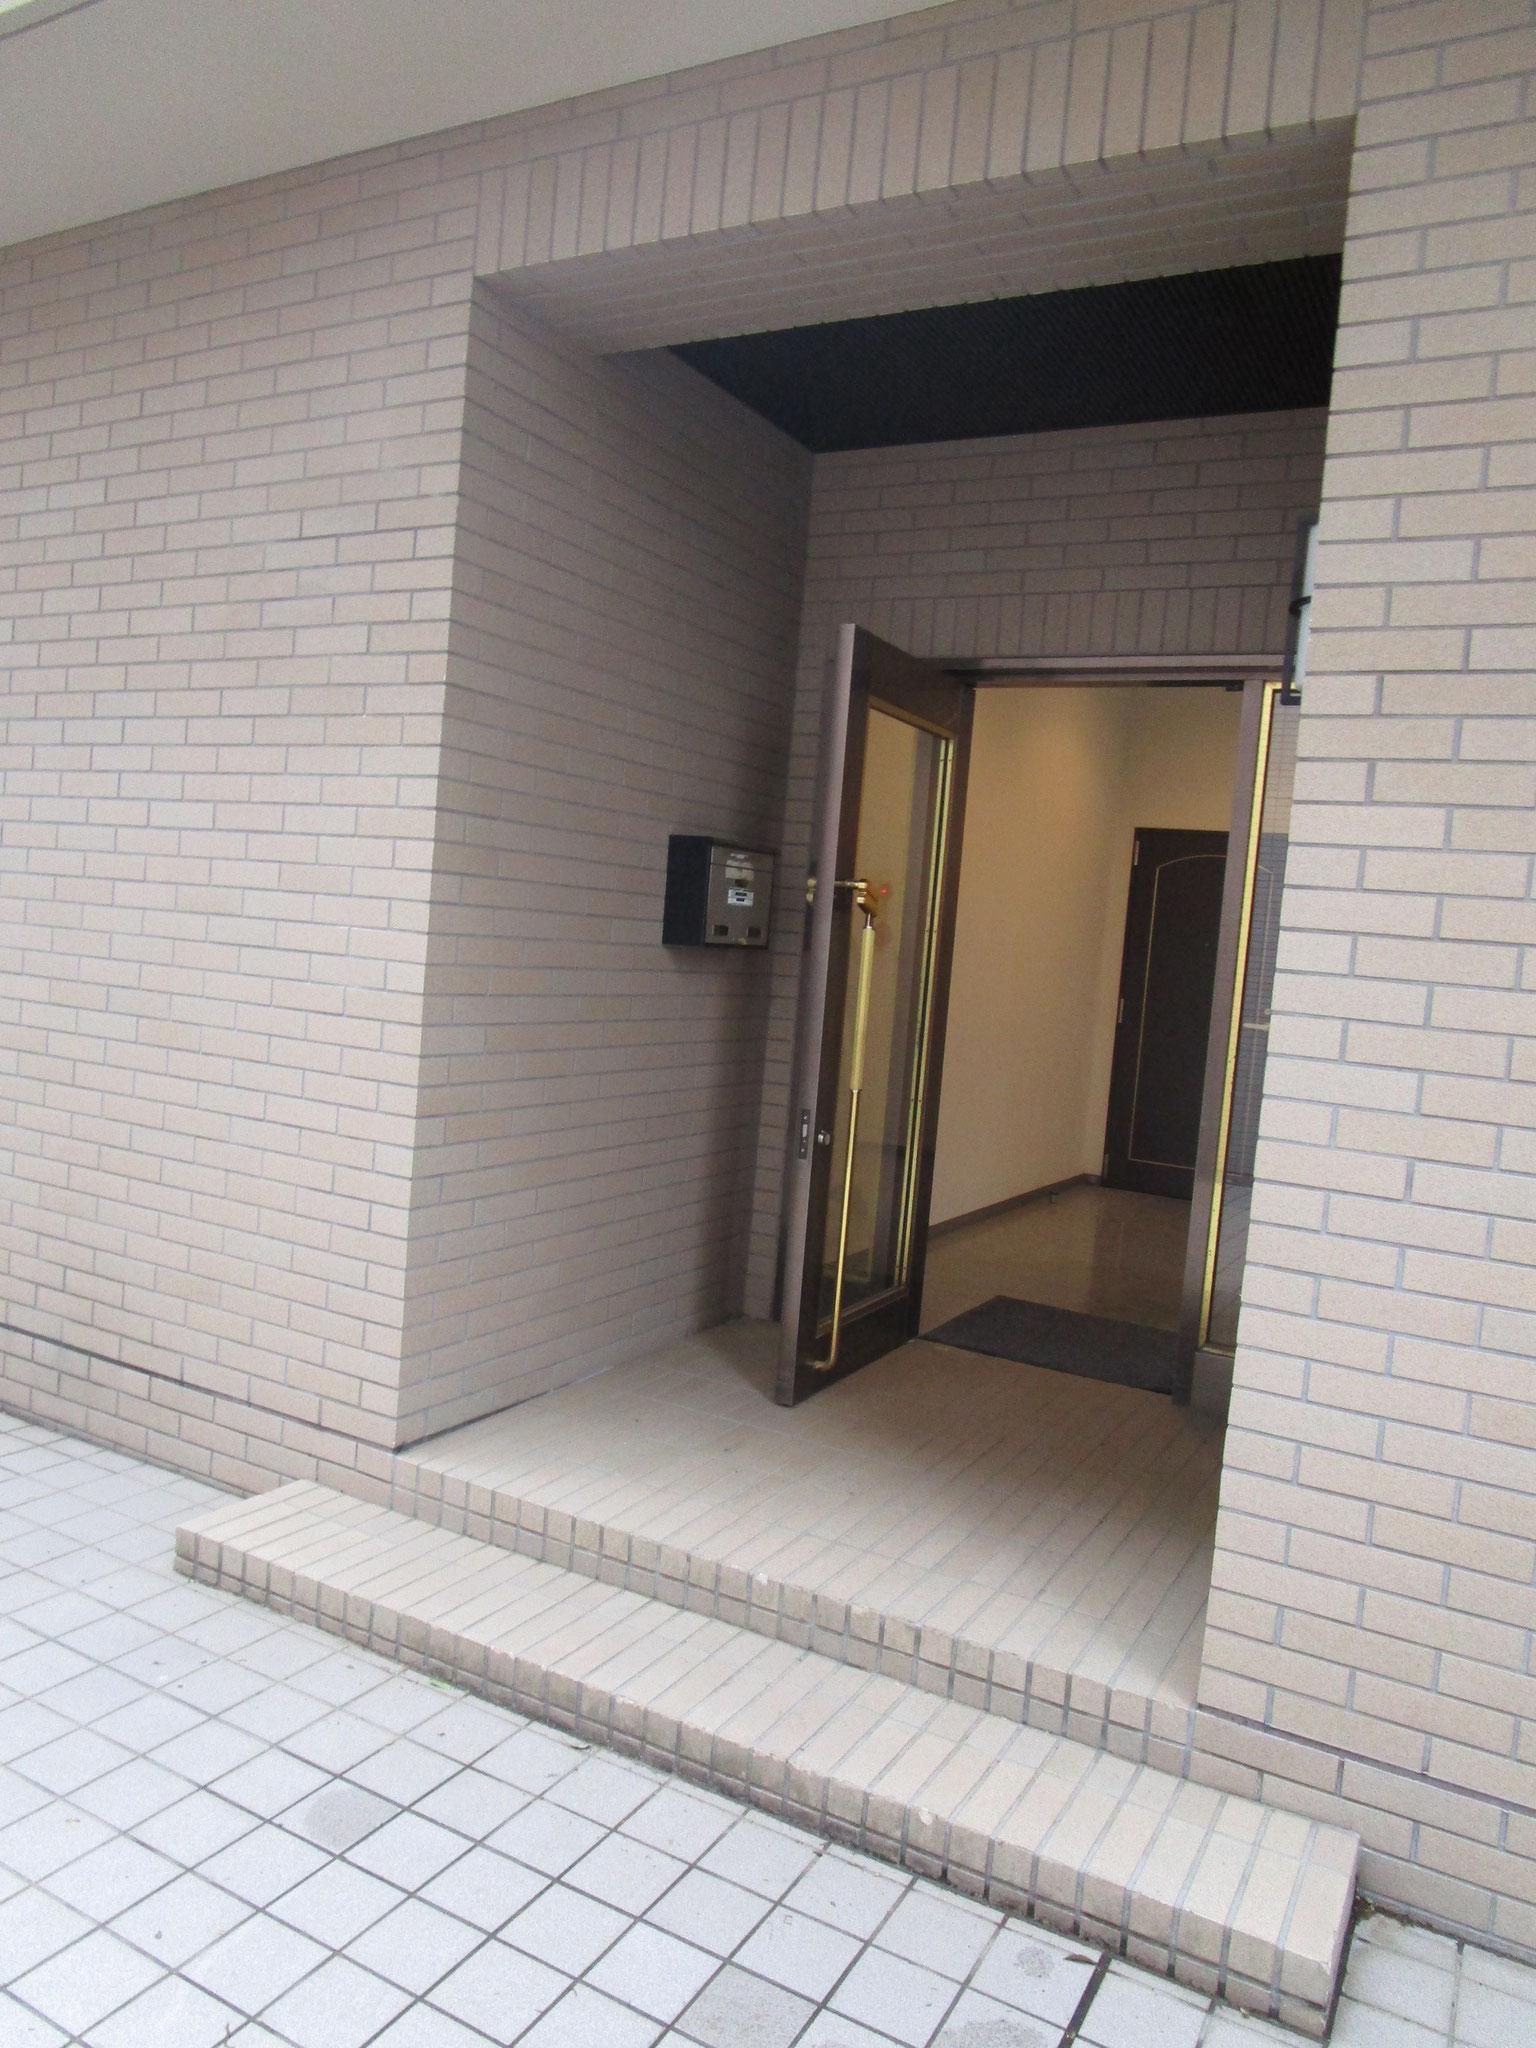 管理棟のエレベーターで上がり、外に出ました